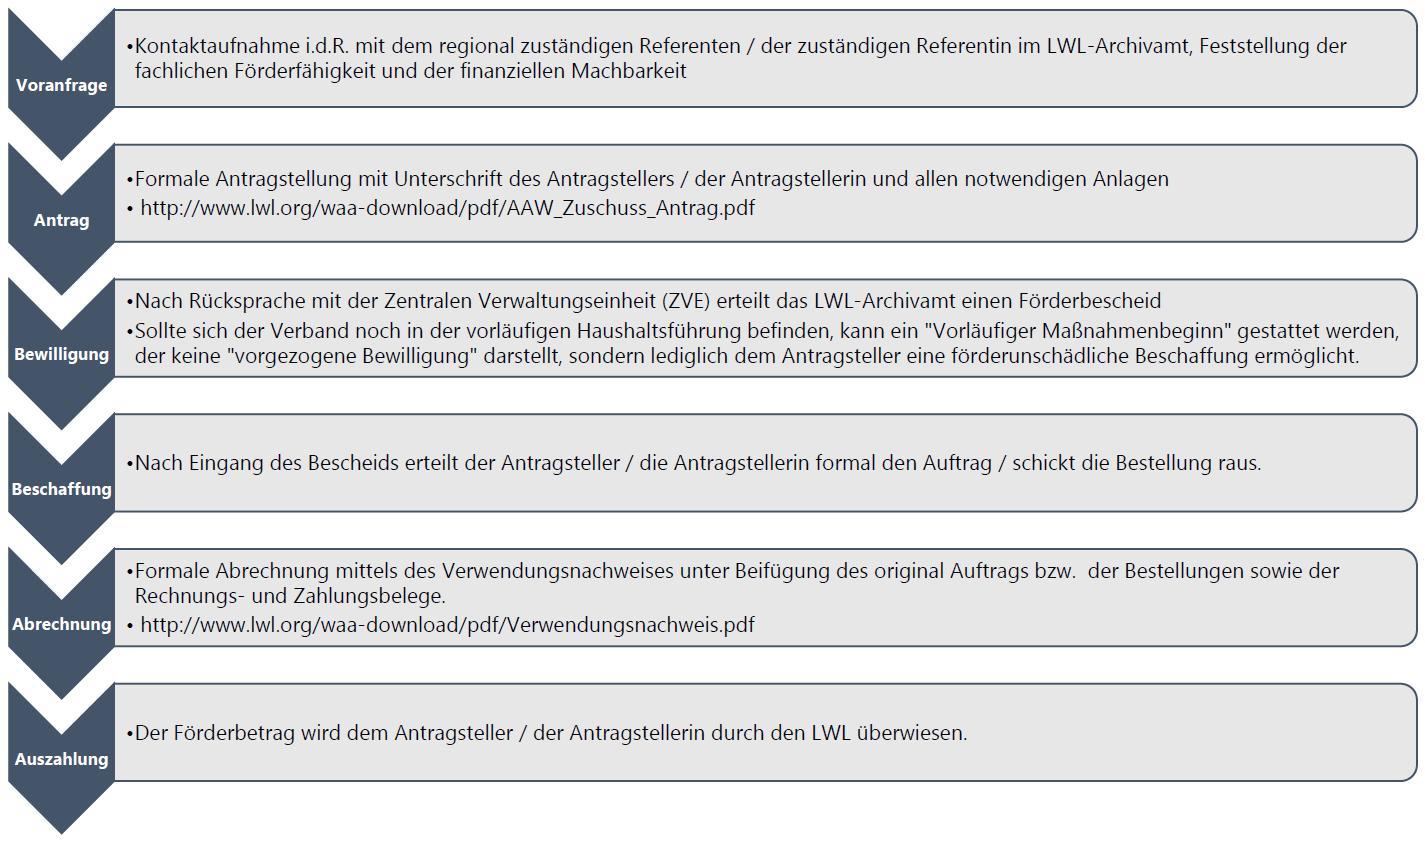 Ablaufdiagramm für Fördermaßnahmen durch das LWL-Archivamt